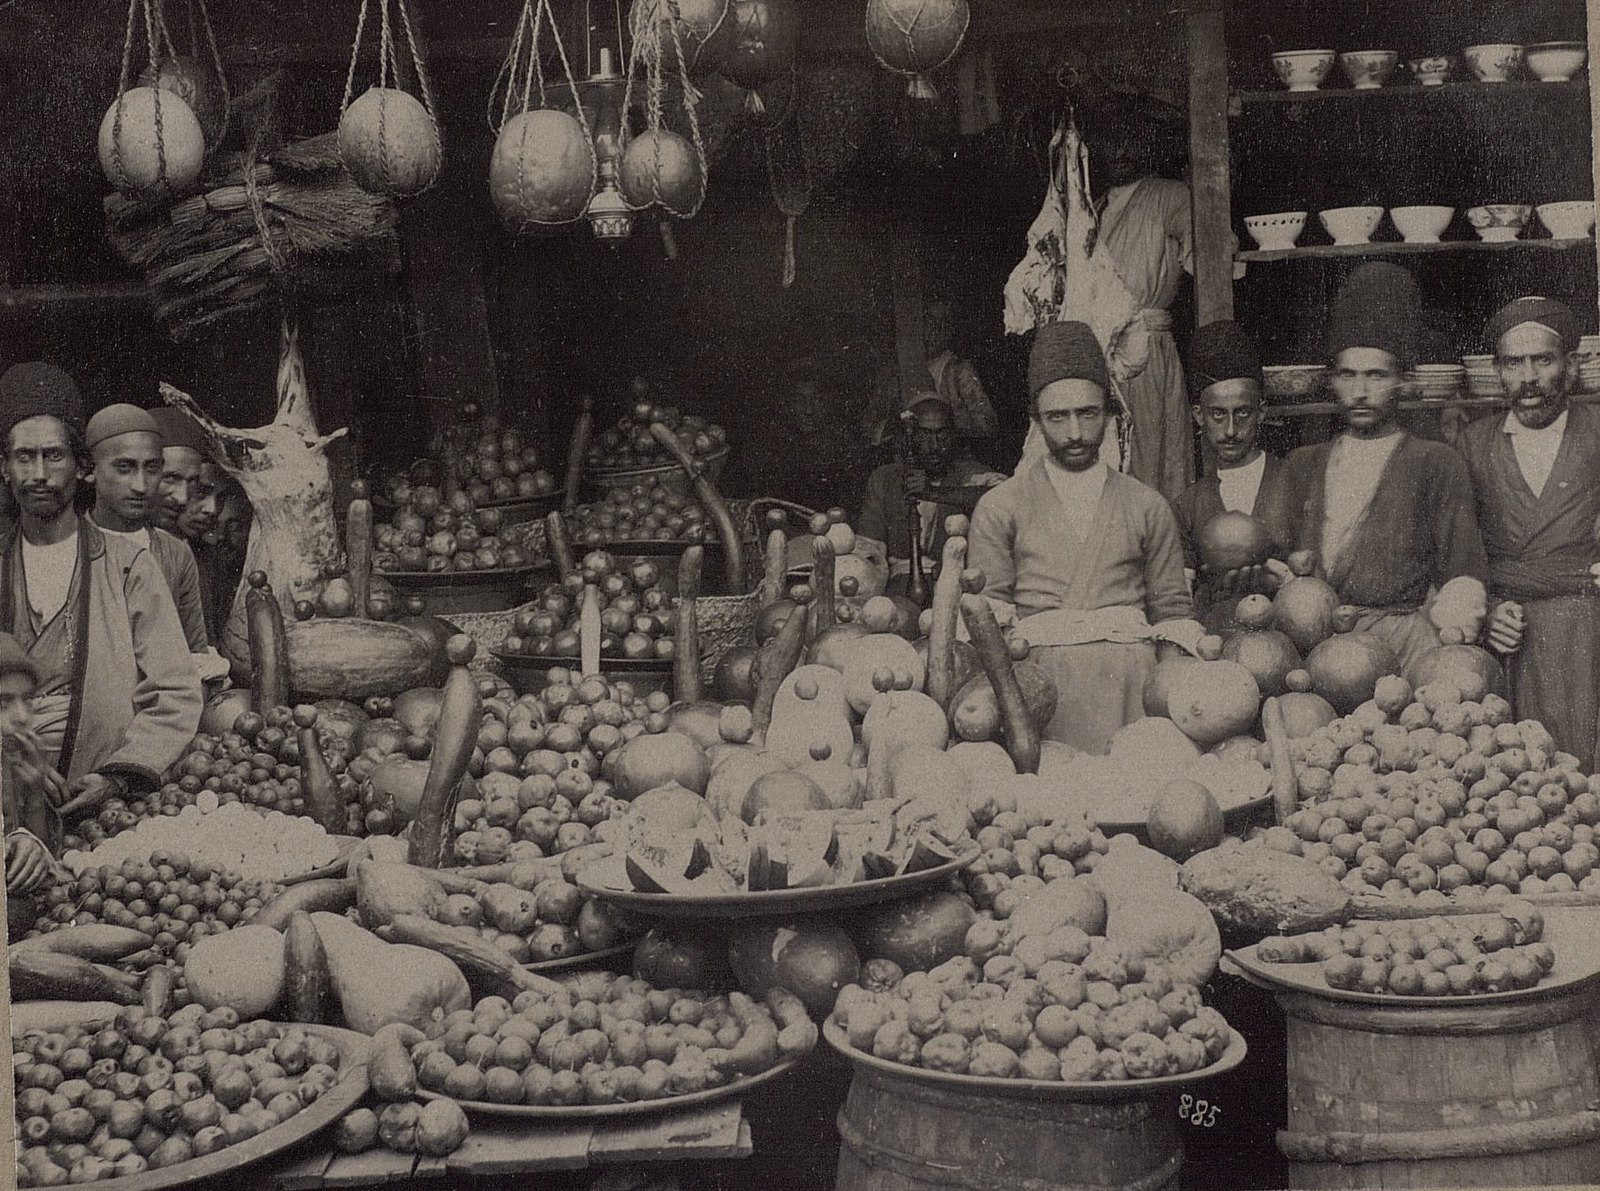 Продажа фруктов, овощей и других предметов